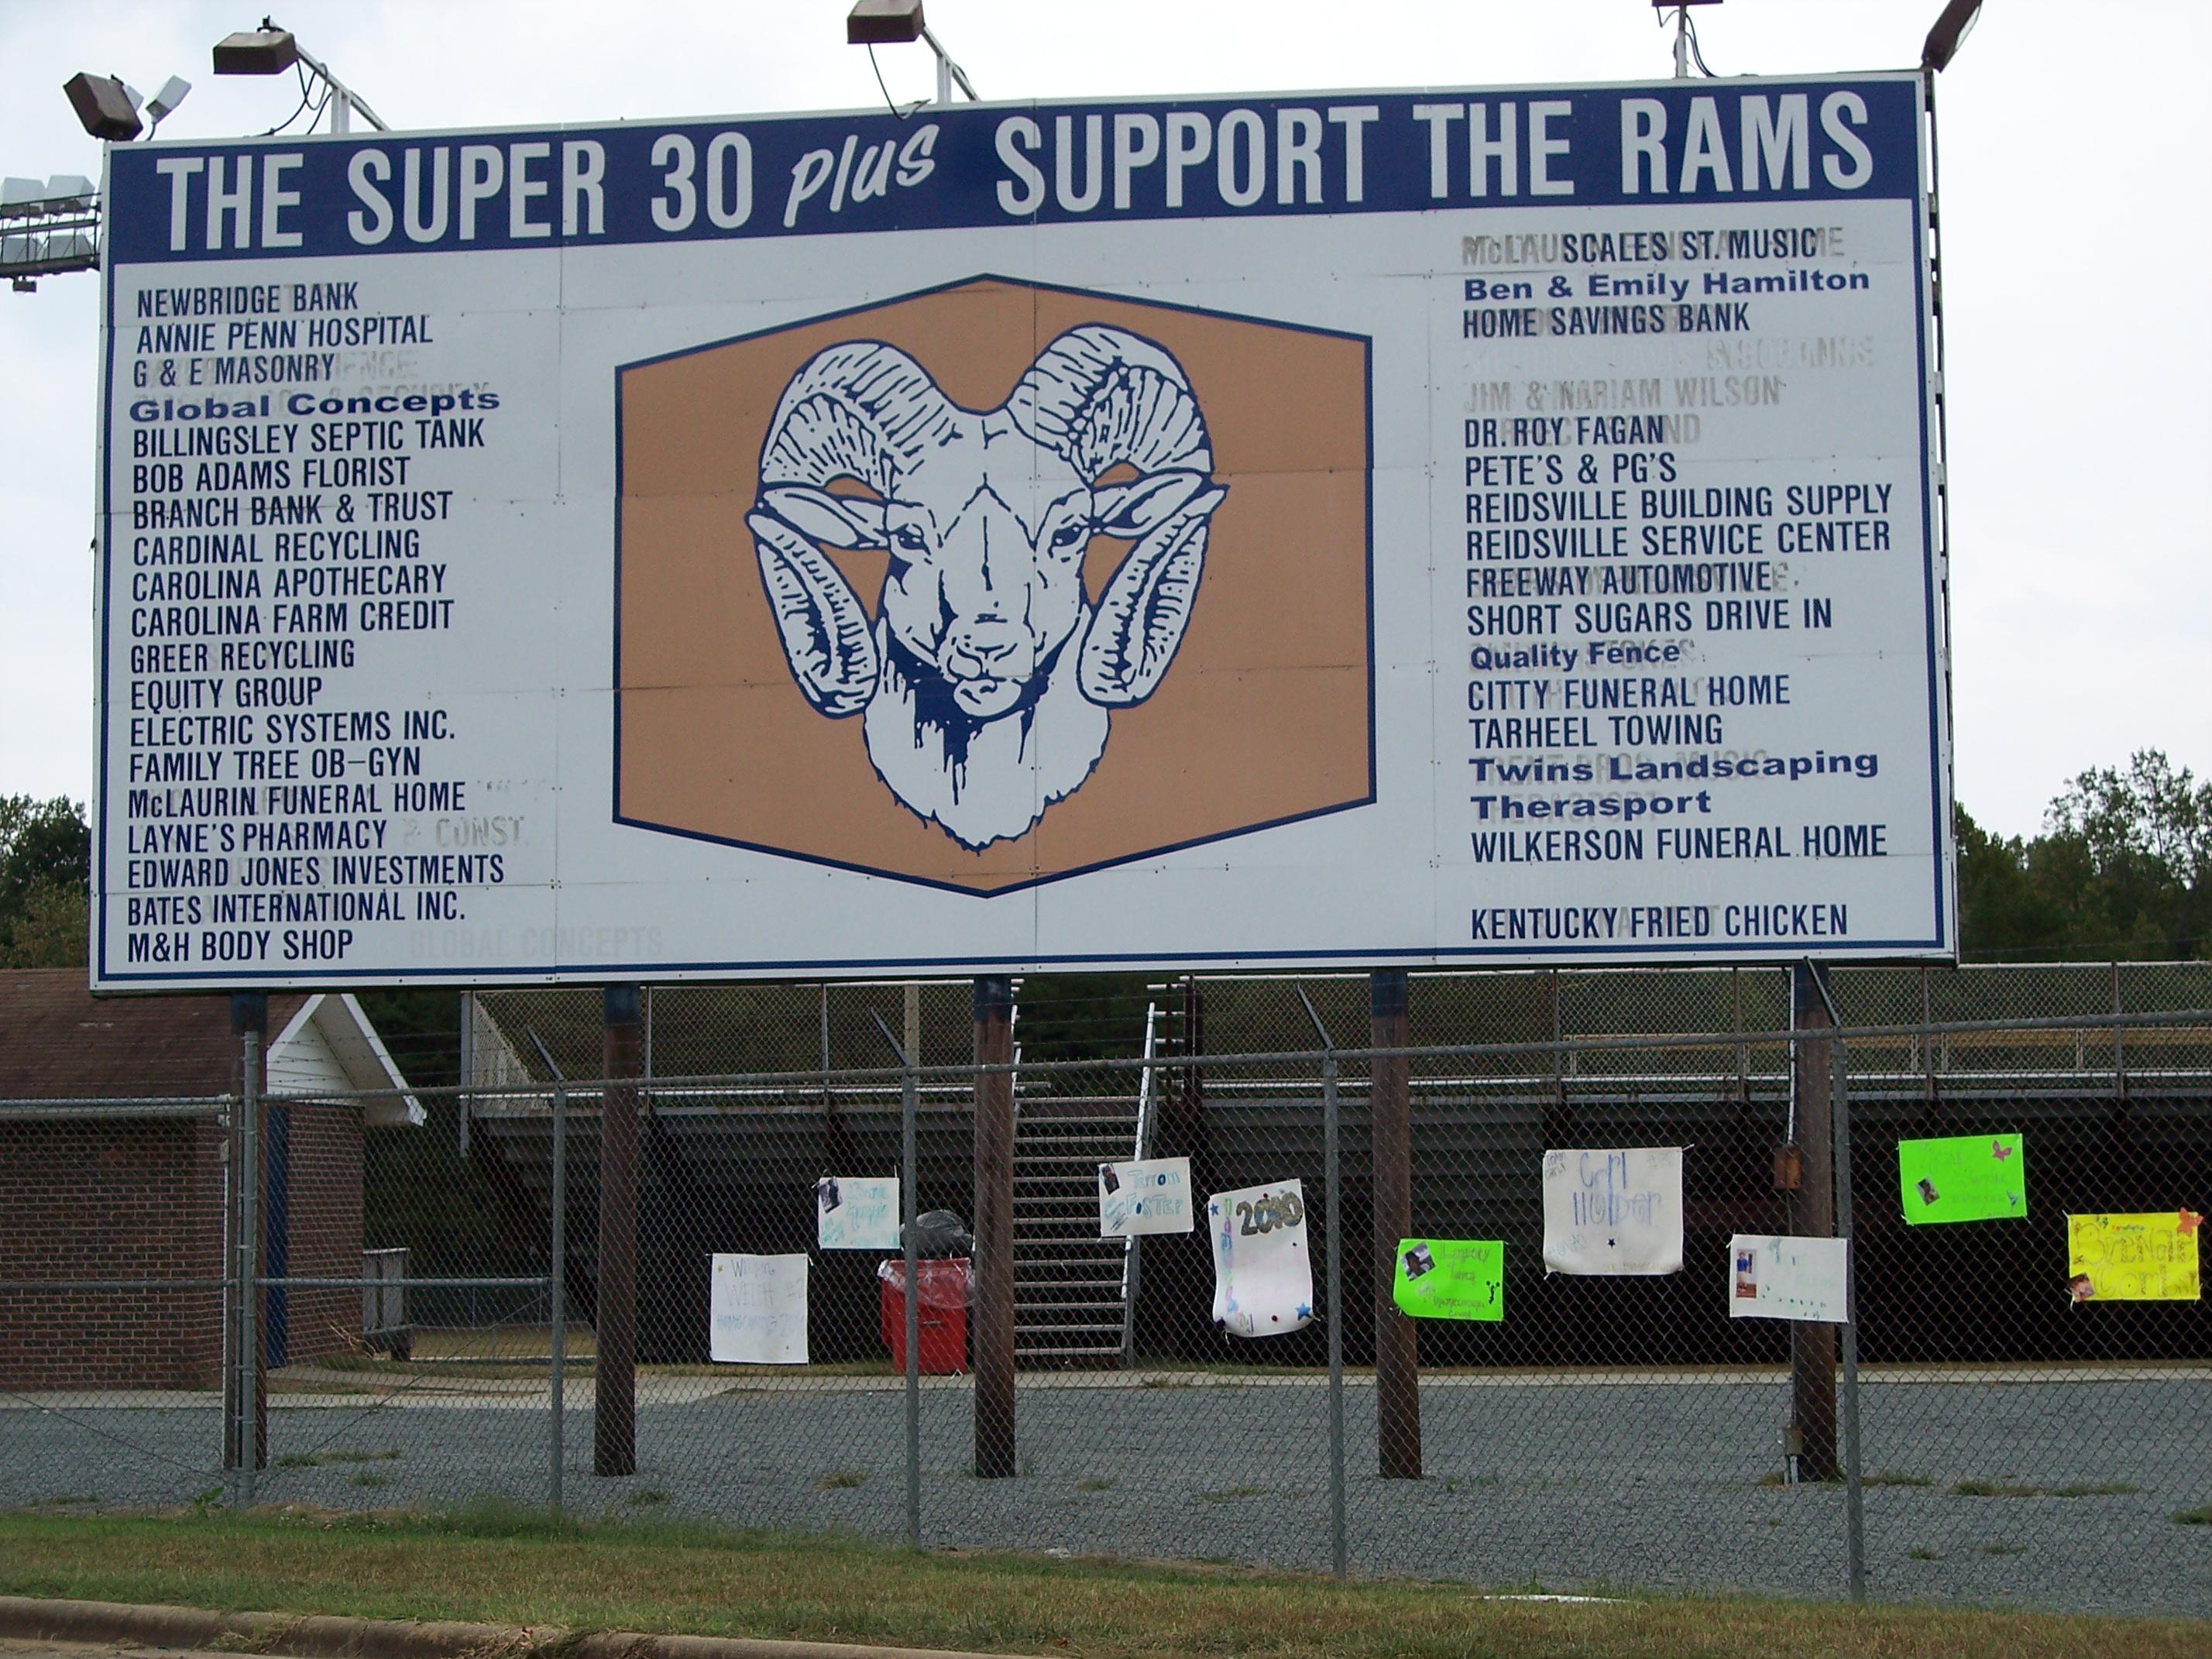 Reidsville High School Football Field - Reidsville, NC Image